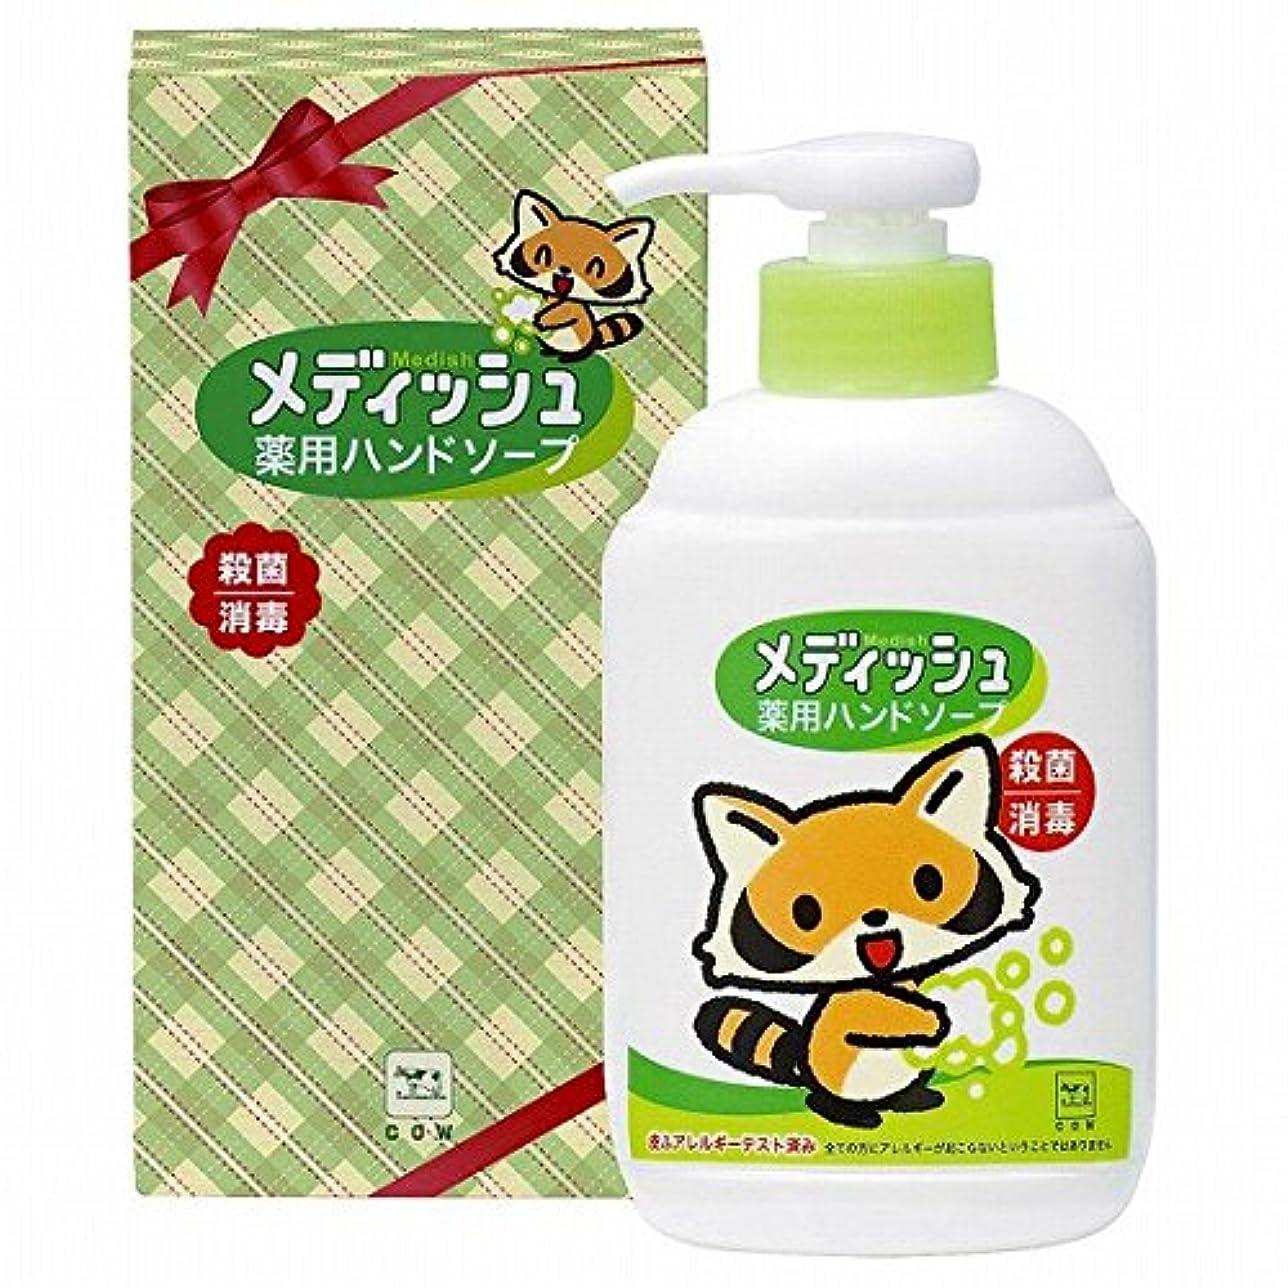 突破口データベース面積nobrand 牛乳石鹸 メディッシュ 薬用ハンドソープ 250ml 箱入(MS35)